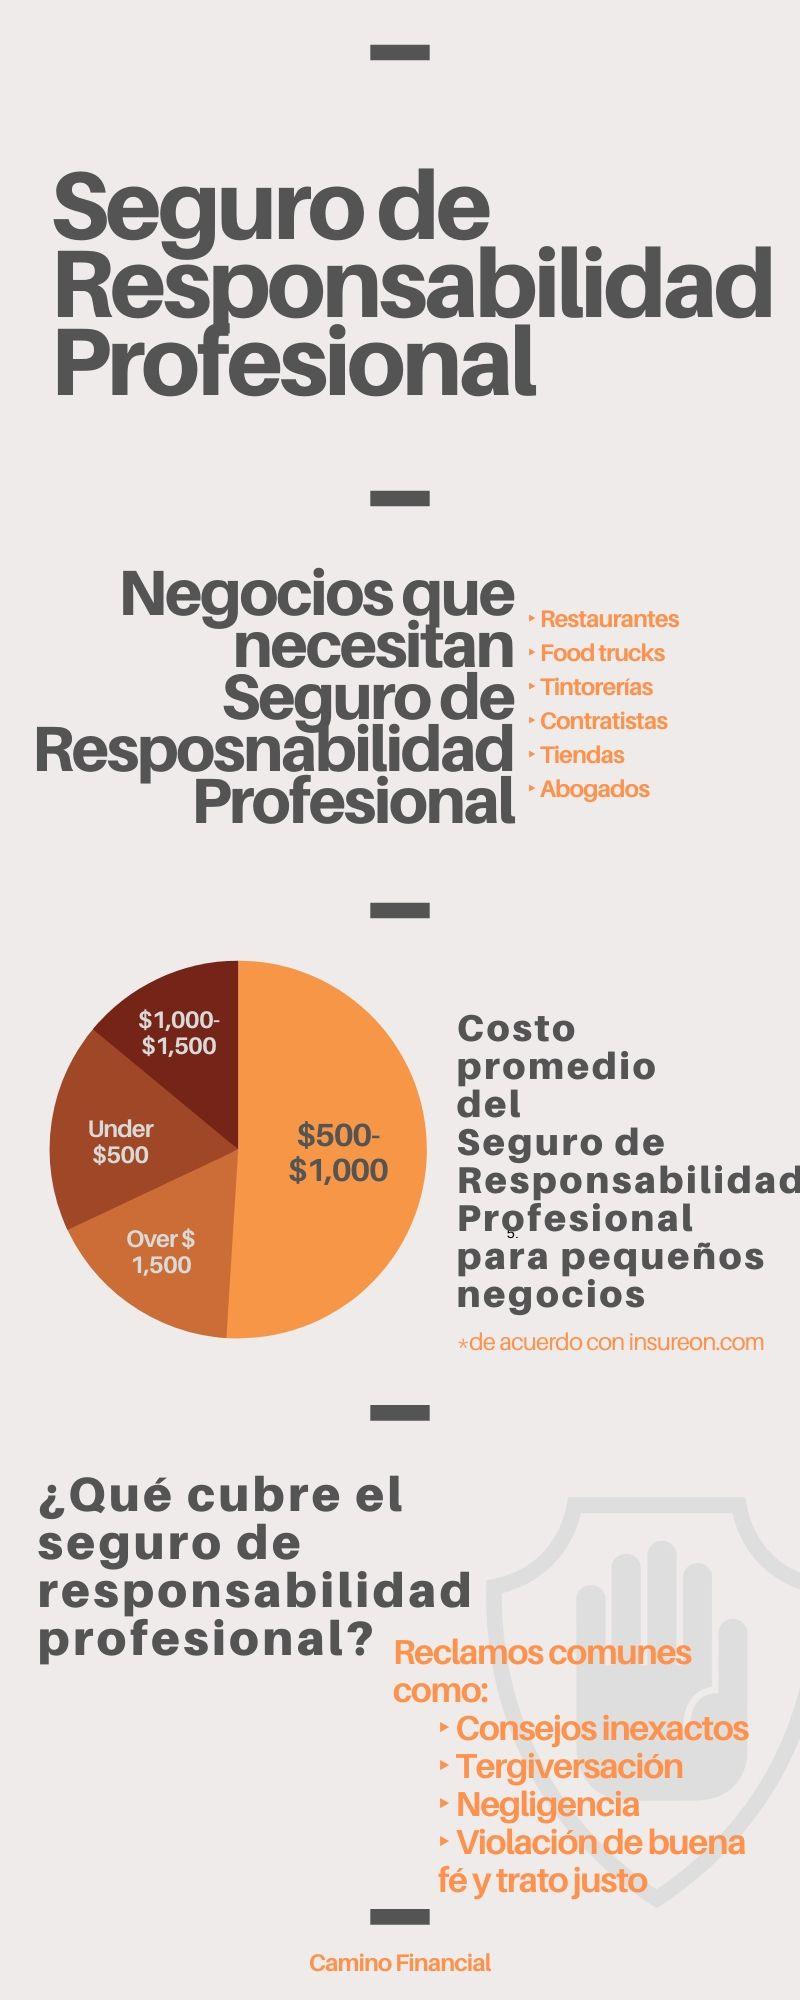 seguro de responsabilidad profesional, infografía